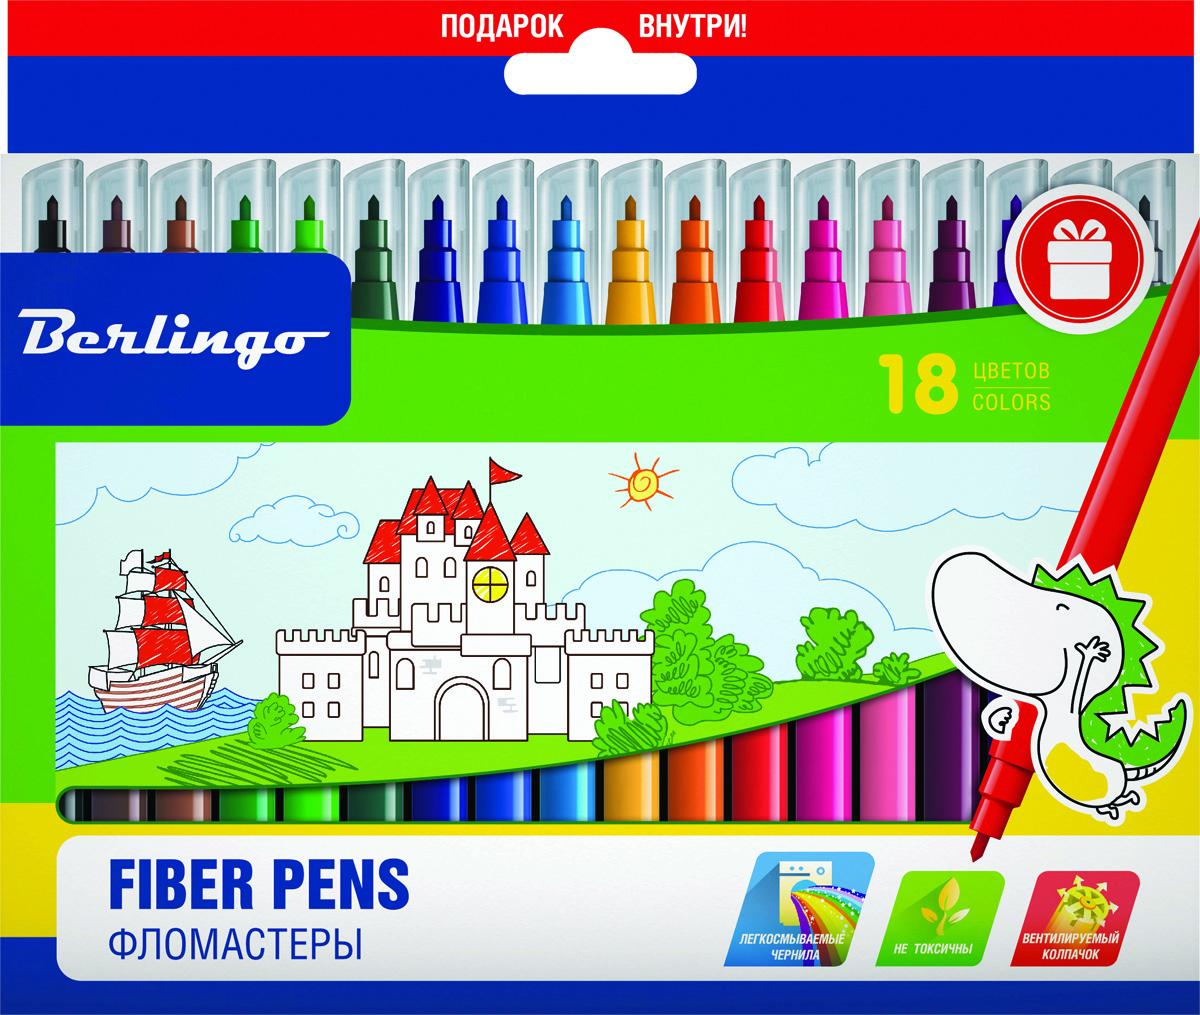 Berlingo Набор фломастеров Замки 18 цветовWP00218Фломастеры Berlingo Замки имеют легкосмываемые чернила, вентилируемый колпачок, нетоксичны, корпус изготовлен из полипропилена. Упакованы в картонную лакированную коробку с петлей-европодвесом. Длина линии не менее 500 м.